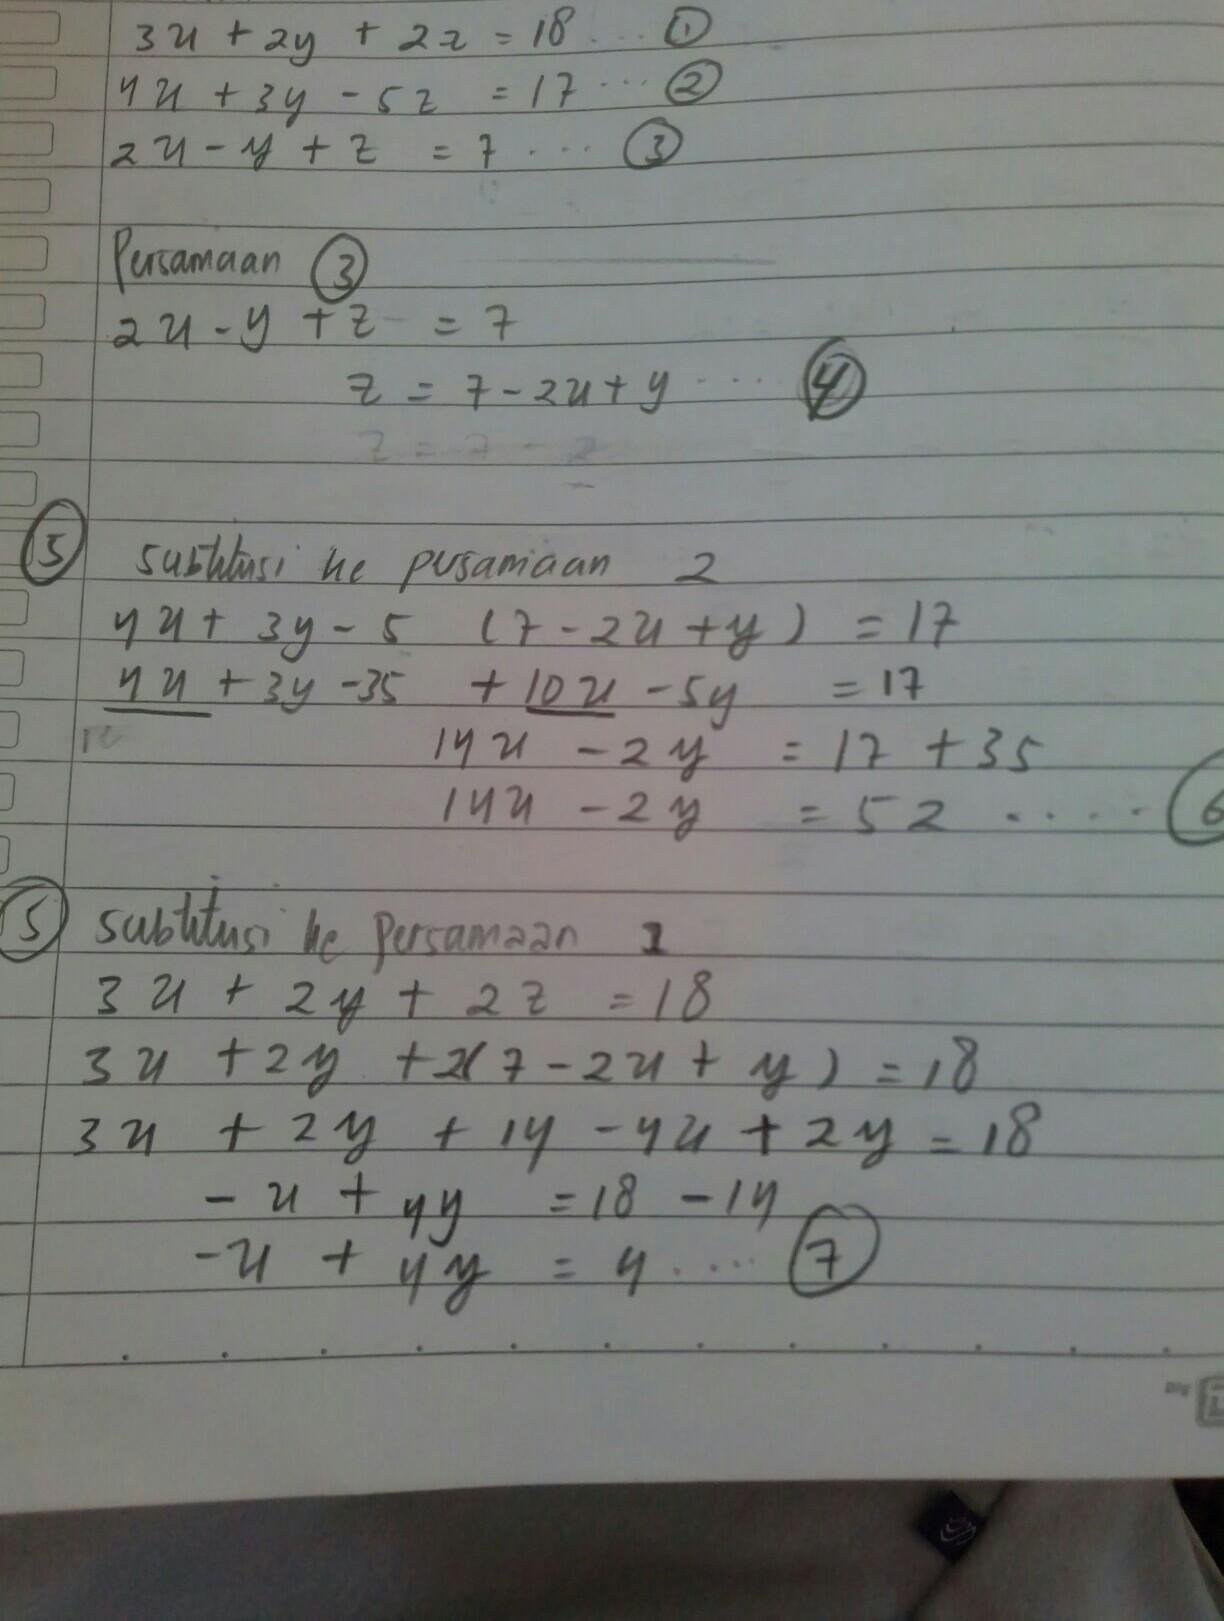 Persamaan Tiga Variabel : persamaan, variabel, Buatkan, Contoh, Sistem, Persamaan, Linear, Variabel, Beserta, Penyelesaiannya, Brainly.co.id